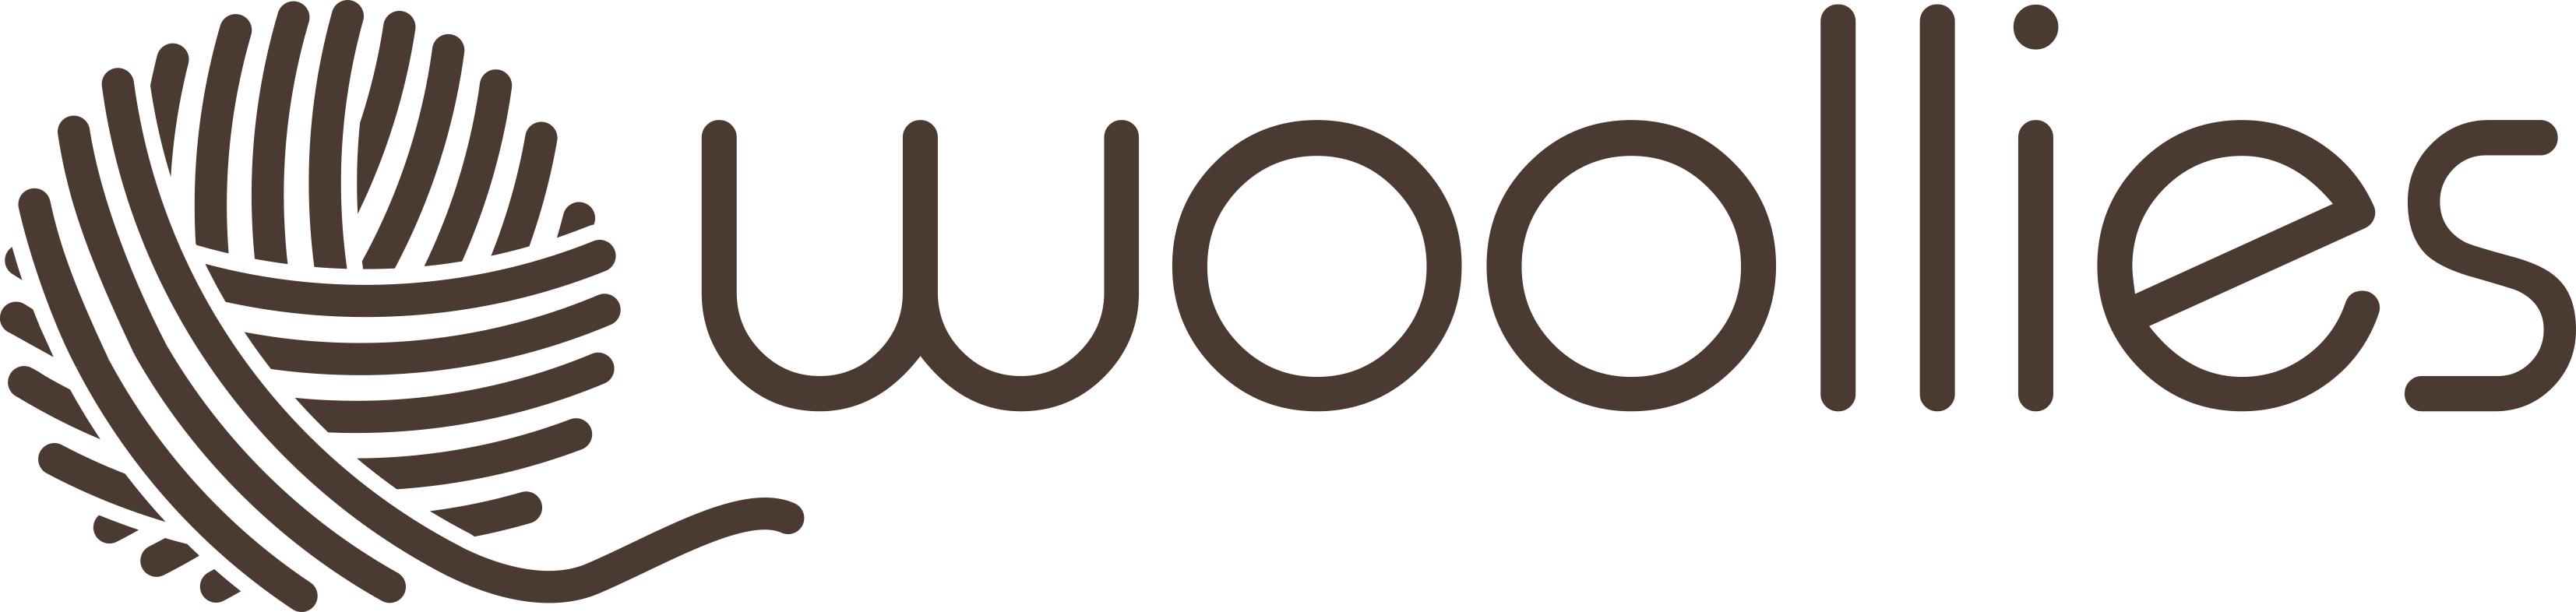 woollies logo-70-50-40